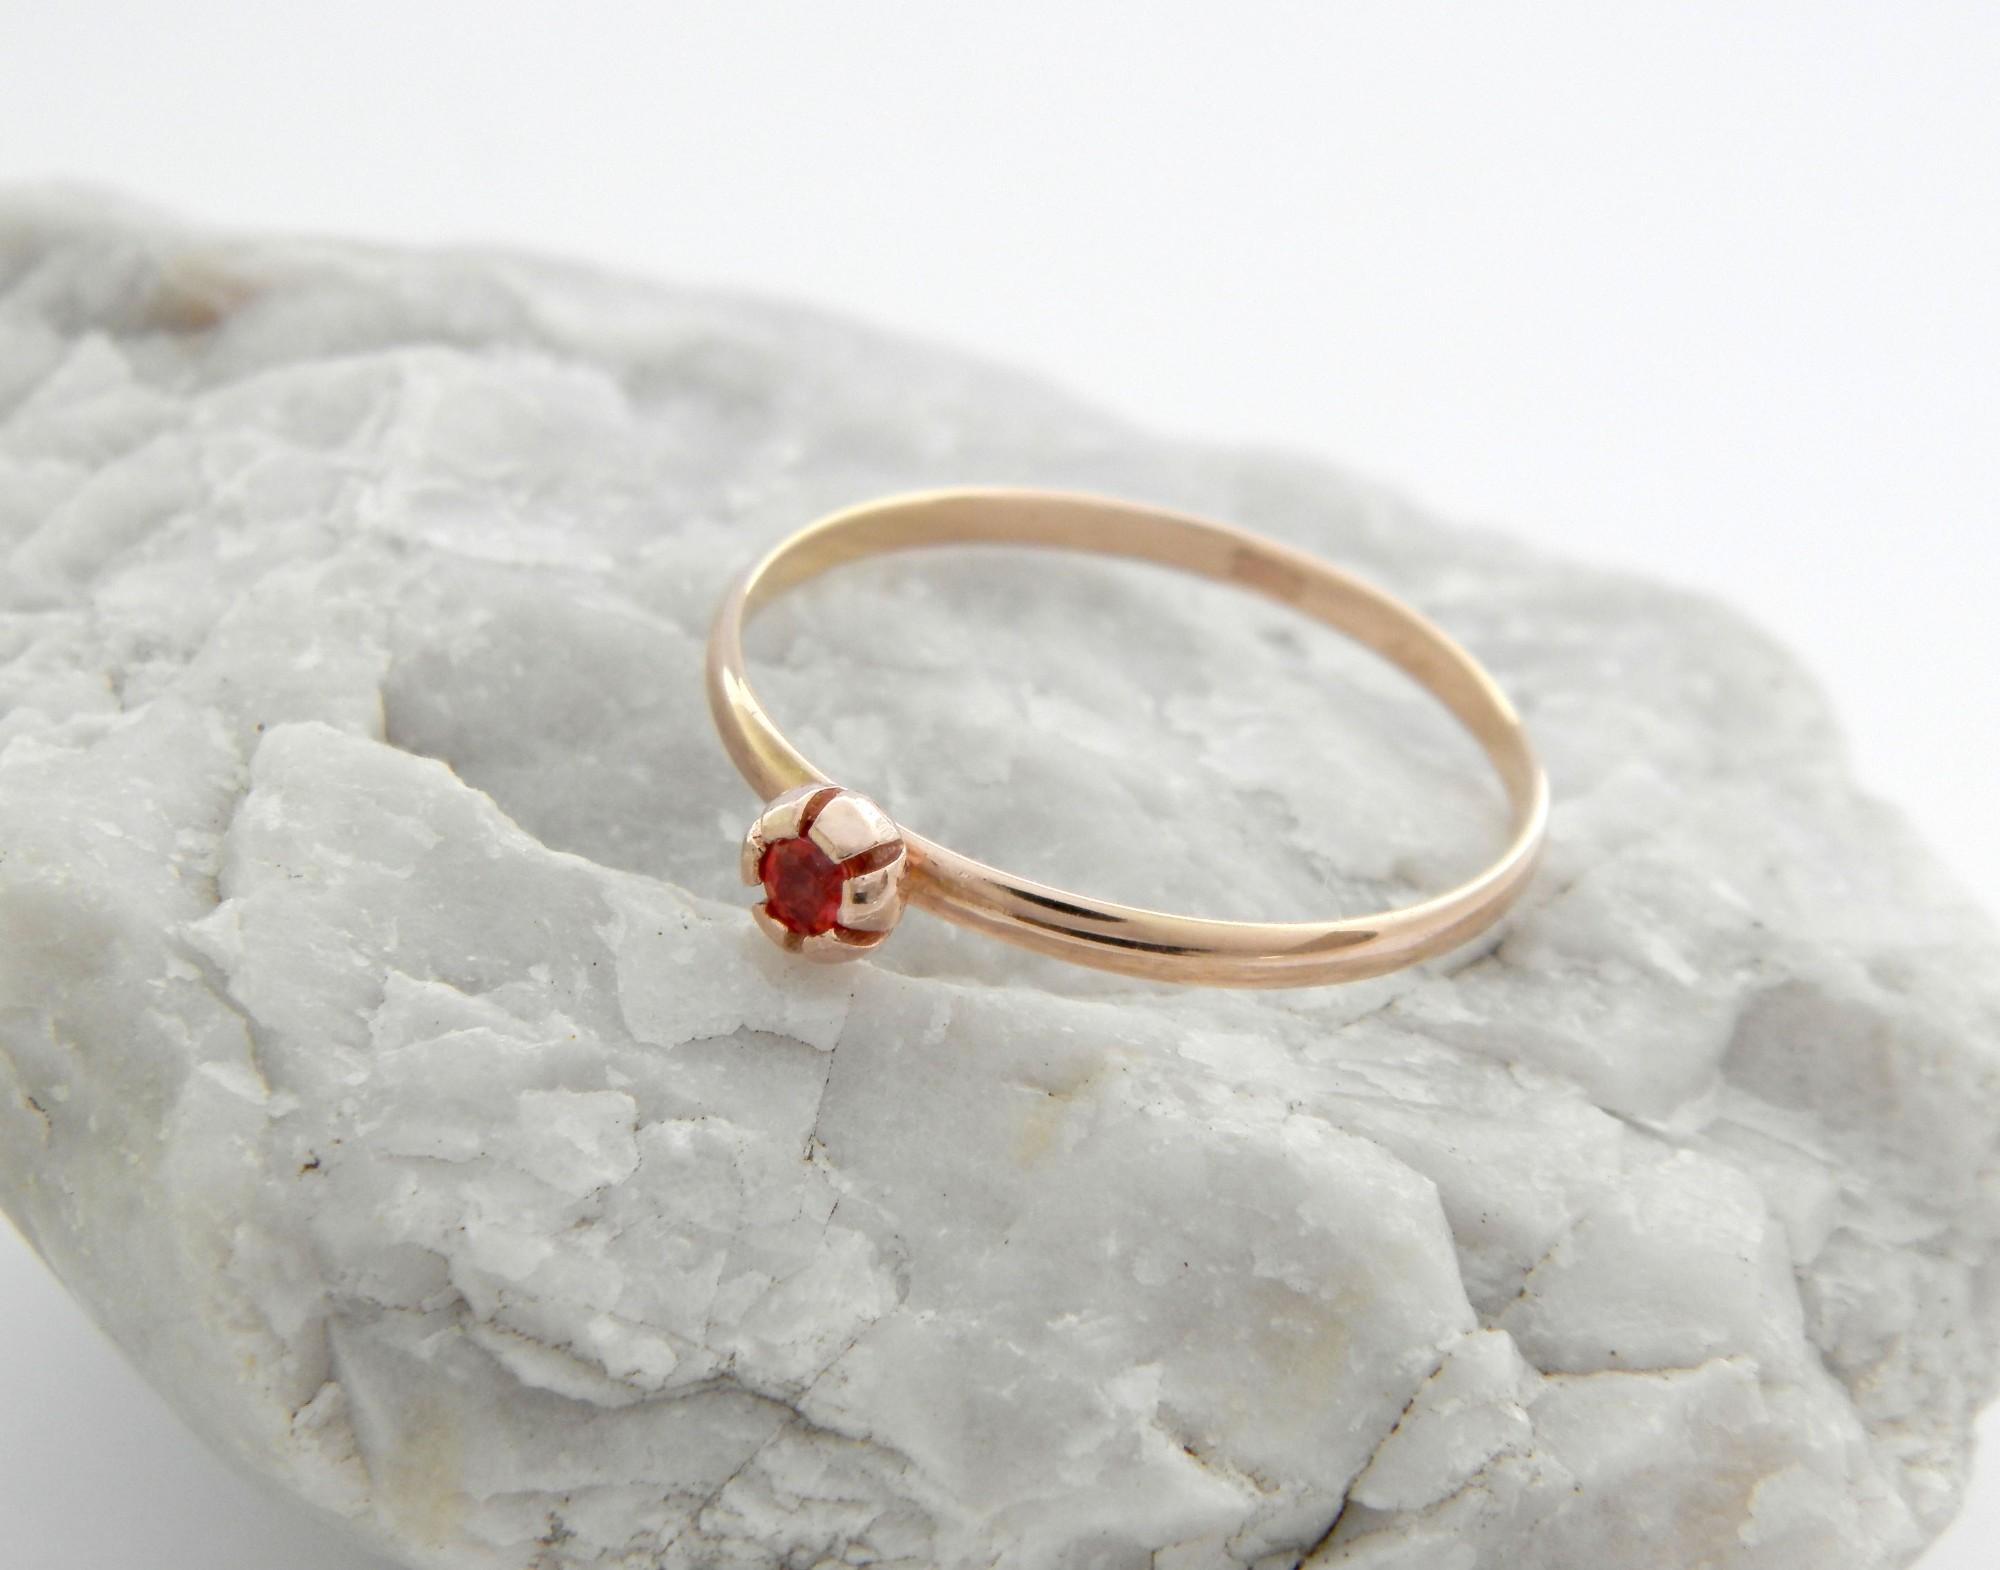 zlatý prsten s přírodním rubínem Red, růžové zlato 585